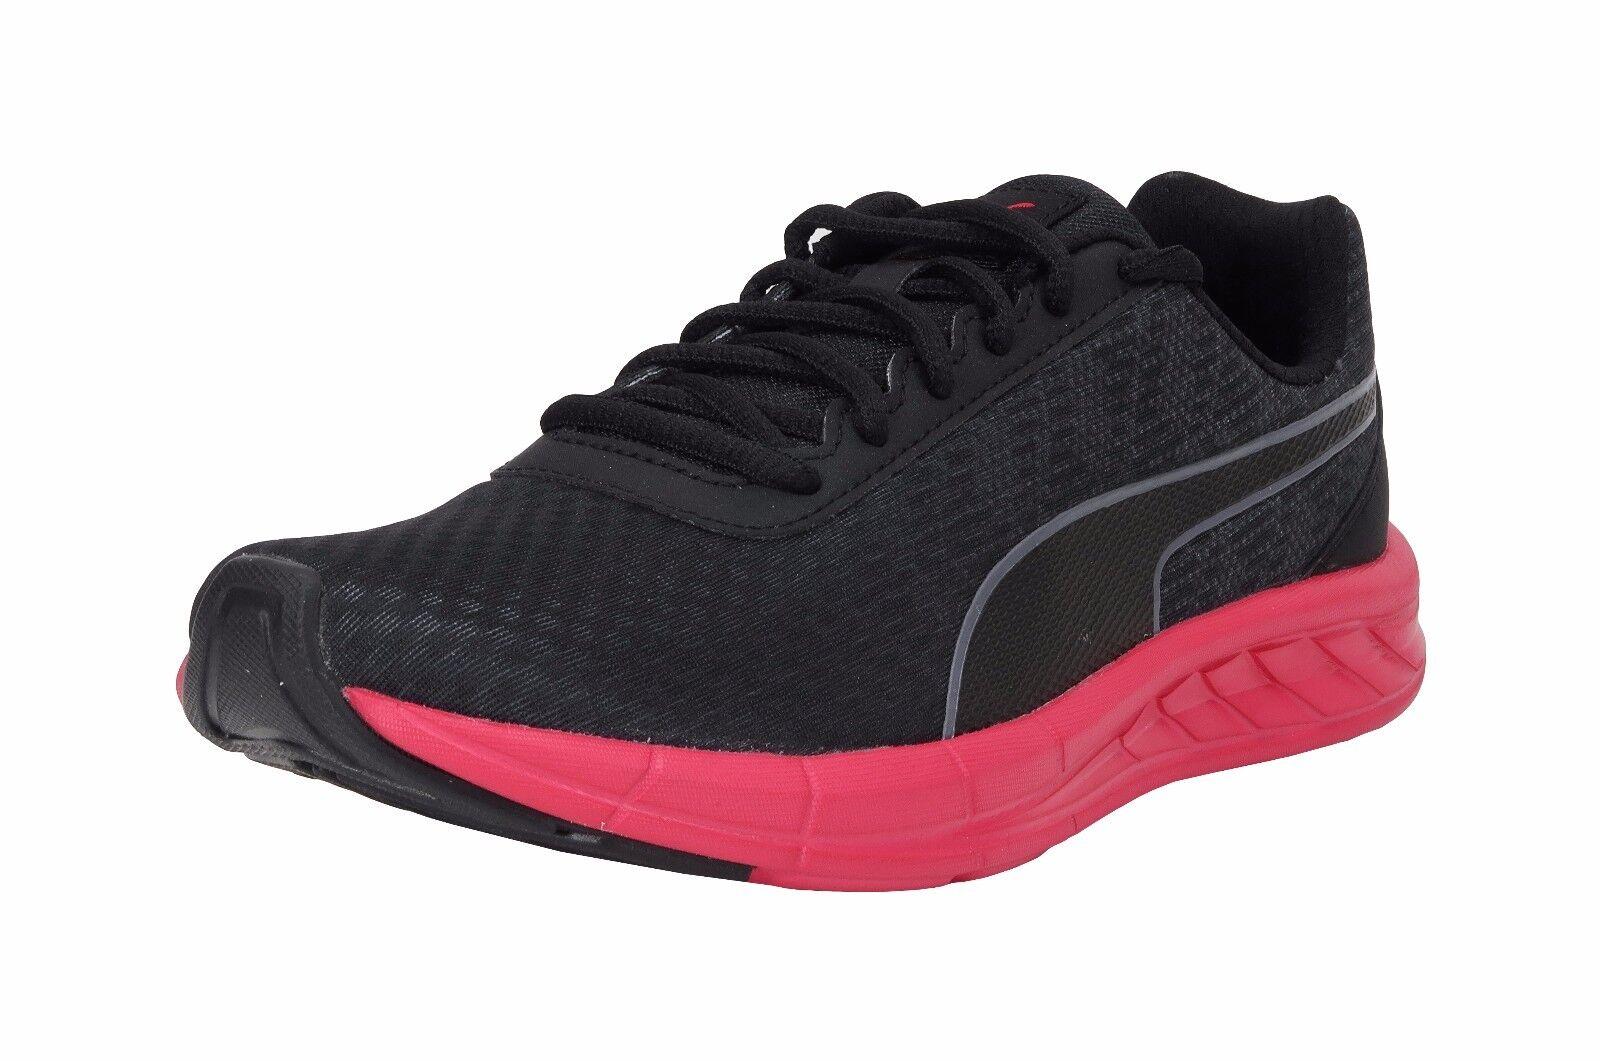 Puma Puma Puma Zapatos Mujer Cometa Negro Rojo Carbón Ligero Correr Malla  el estilo clásico